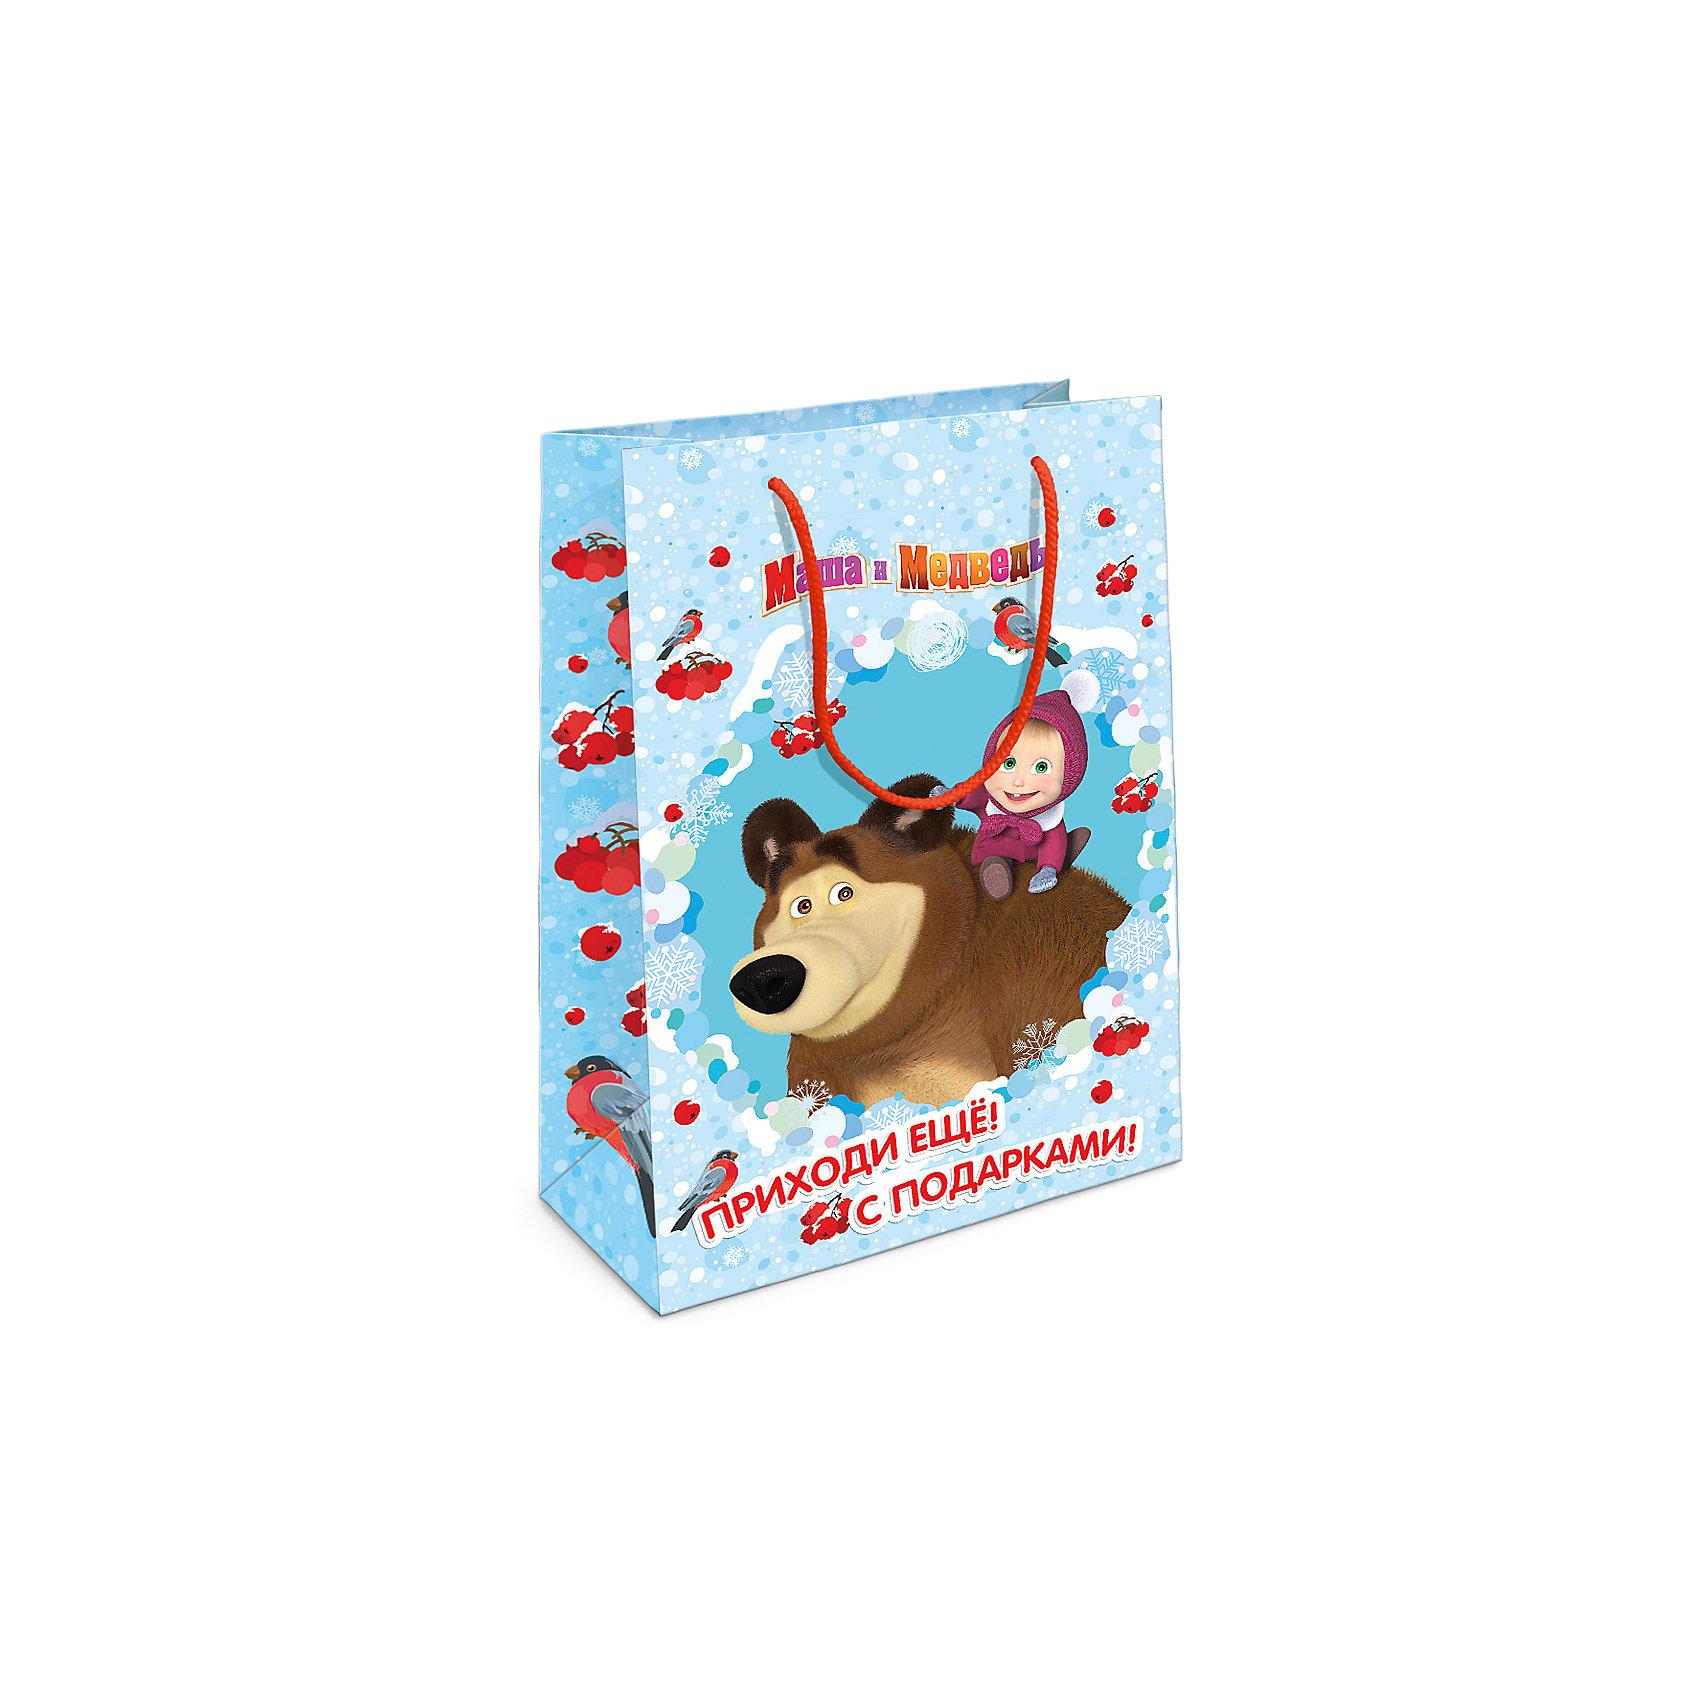 Росмэн Пакет подарочный Маша новогодняя 350*250*90 росмэн пакет подарочный маша новогодняя 230 180 100